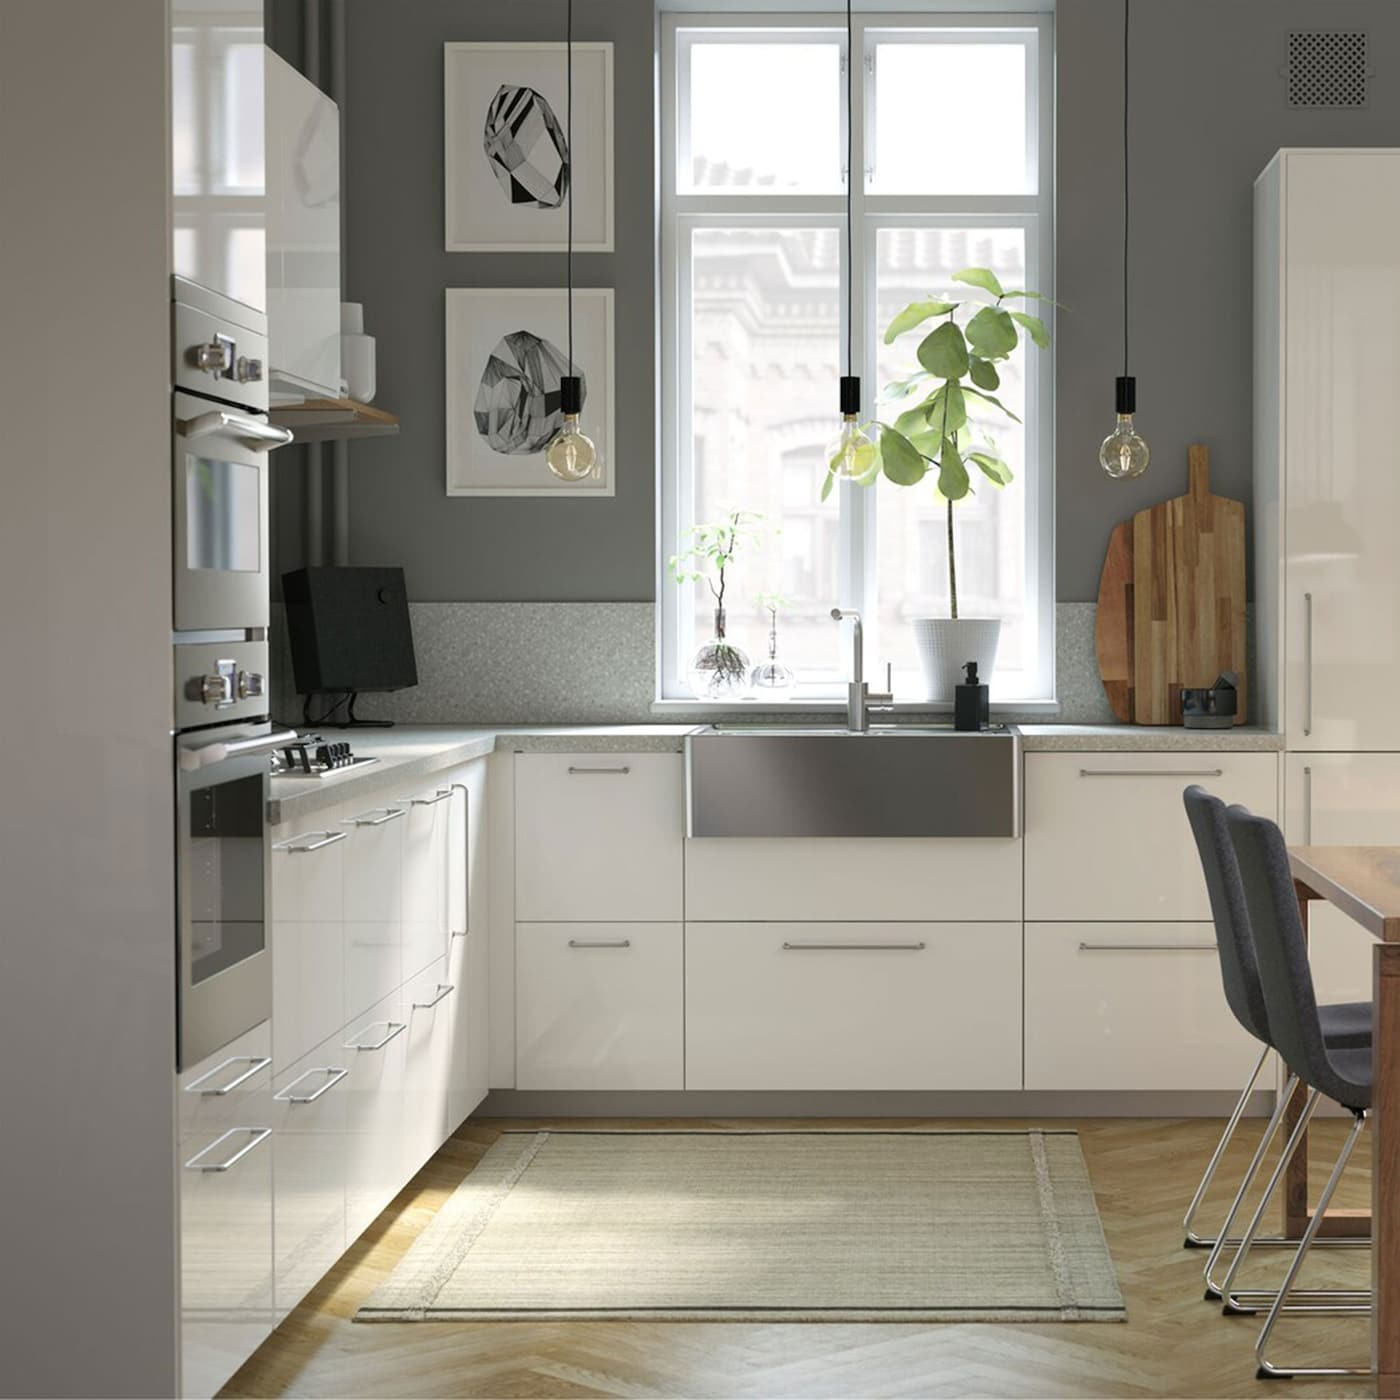 IKEA cuisine la et pour Inspiration idées Kcl1TJF